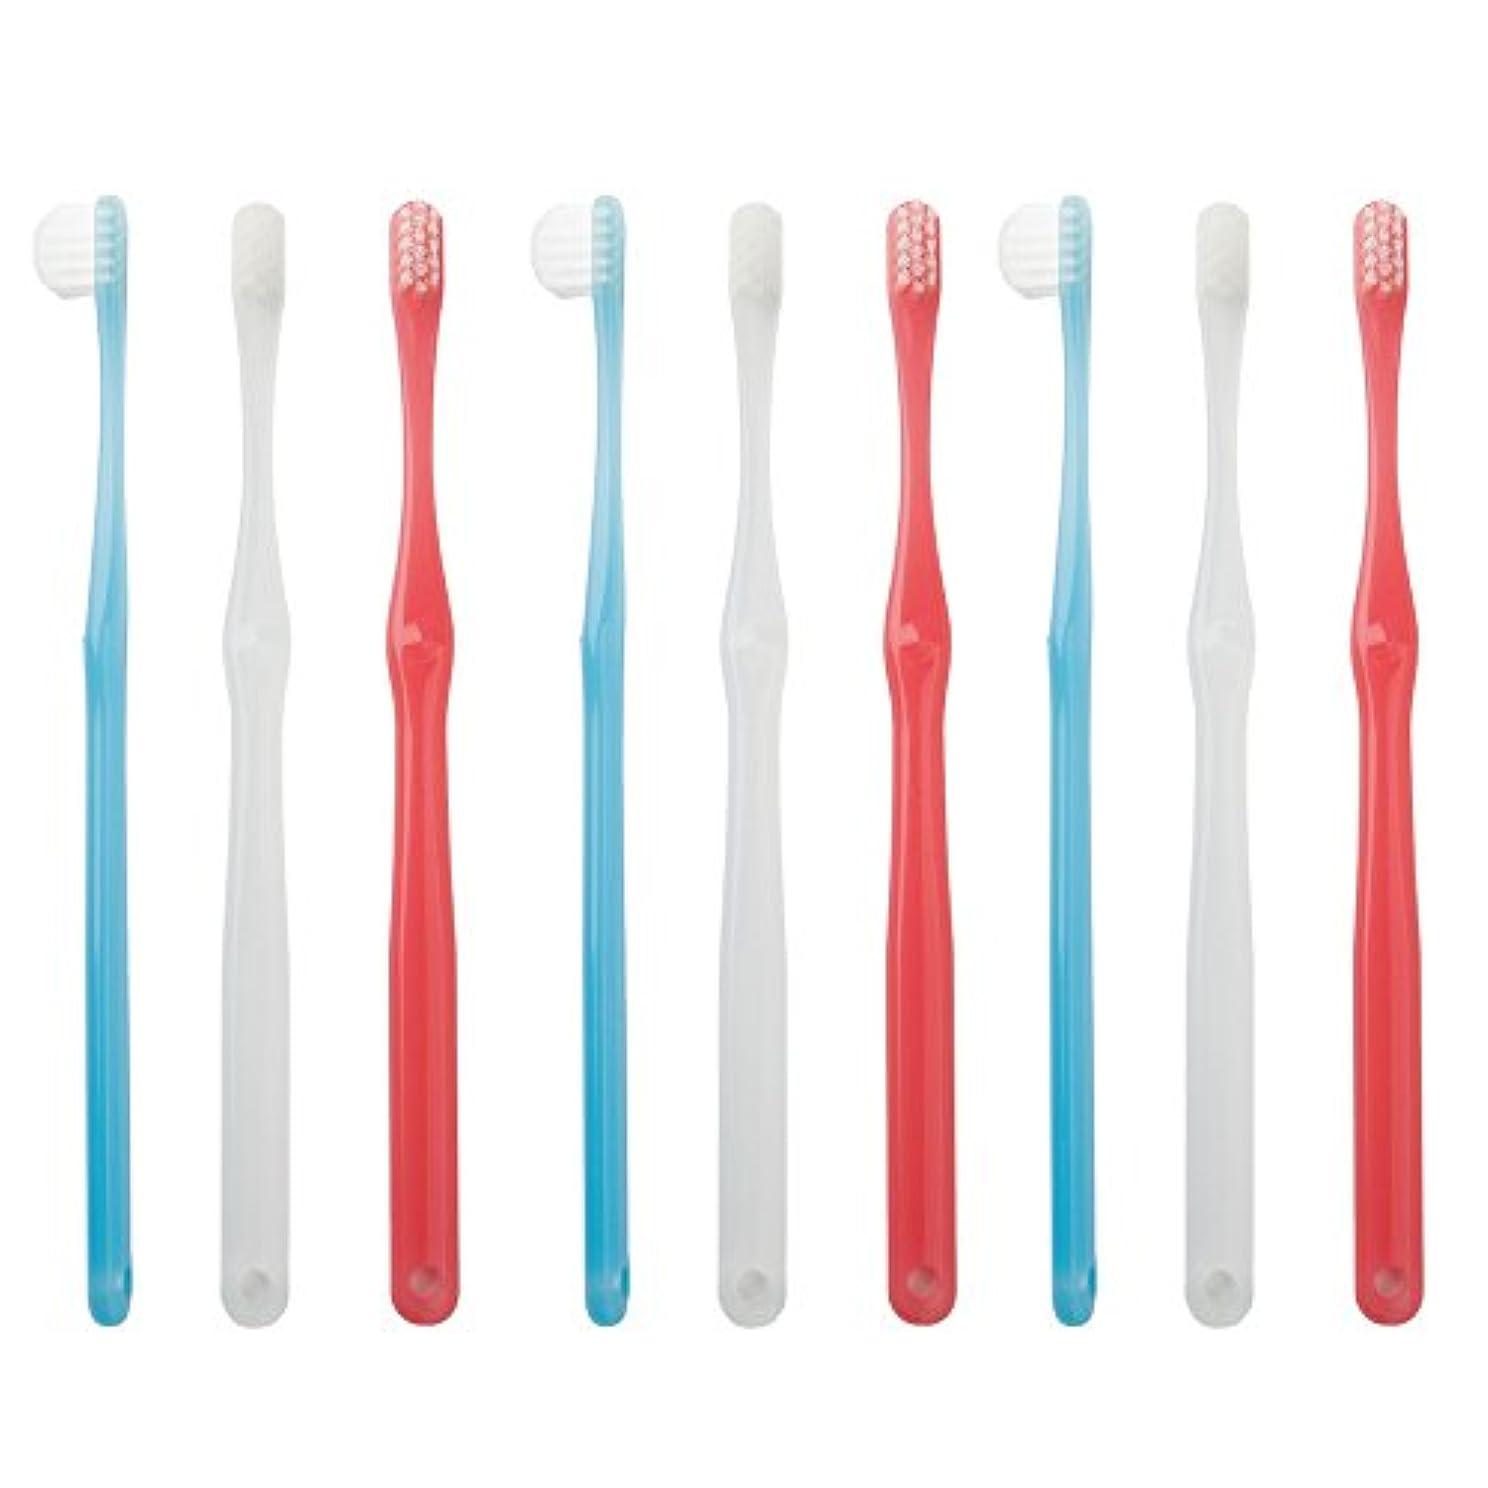 路地奇跡的な国民投票【9本入り】魔法のワハハ歯ブラシ